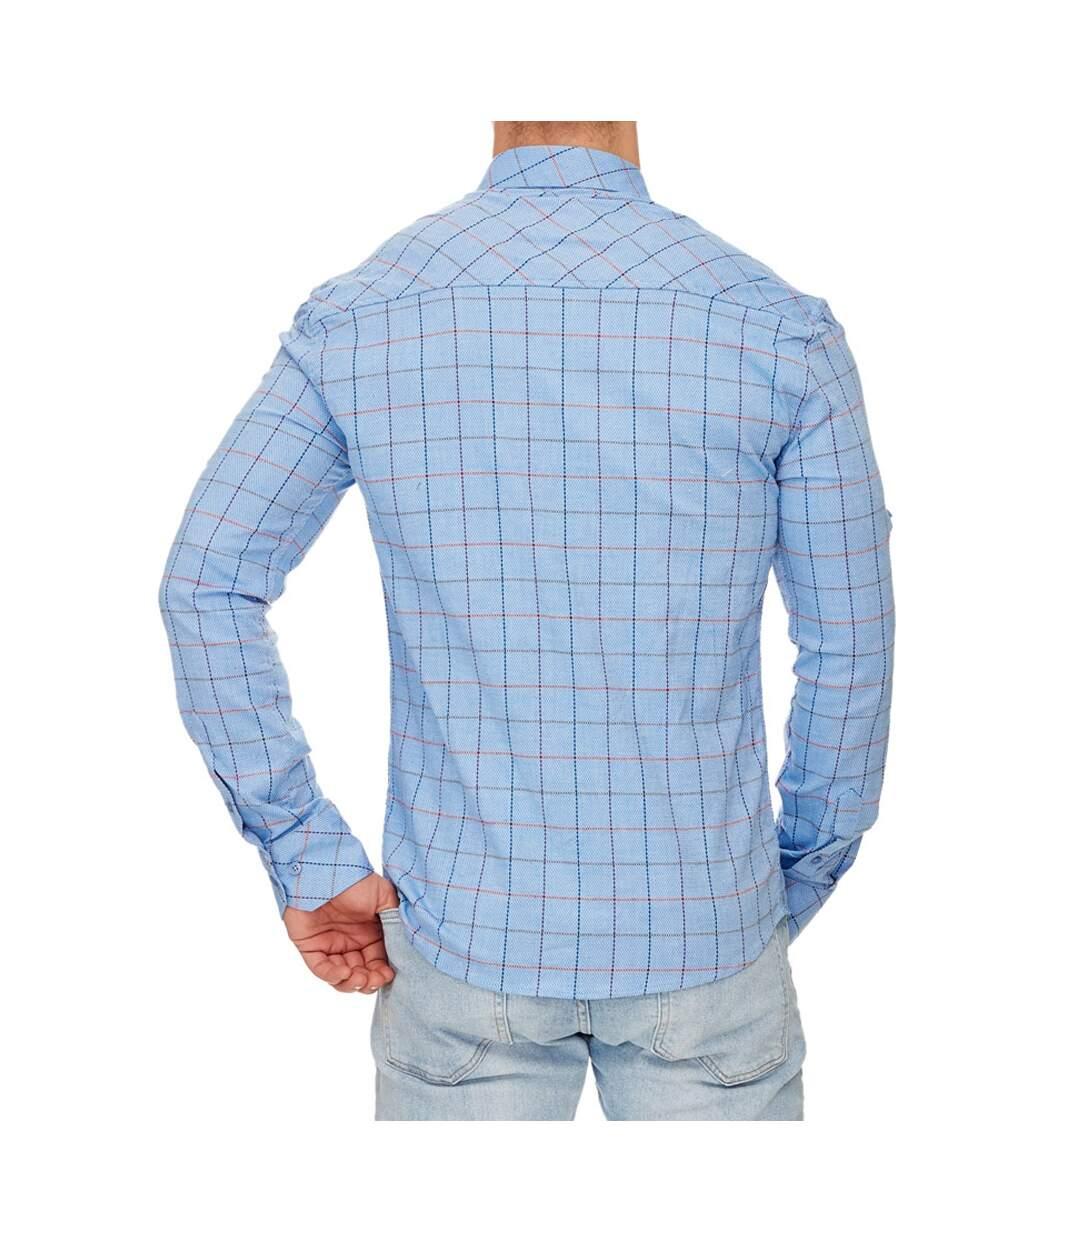 Chemise homme à carreaux Chemise 706 bleu